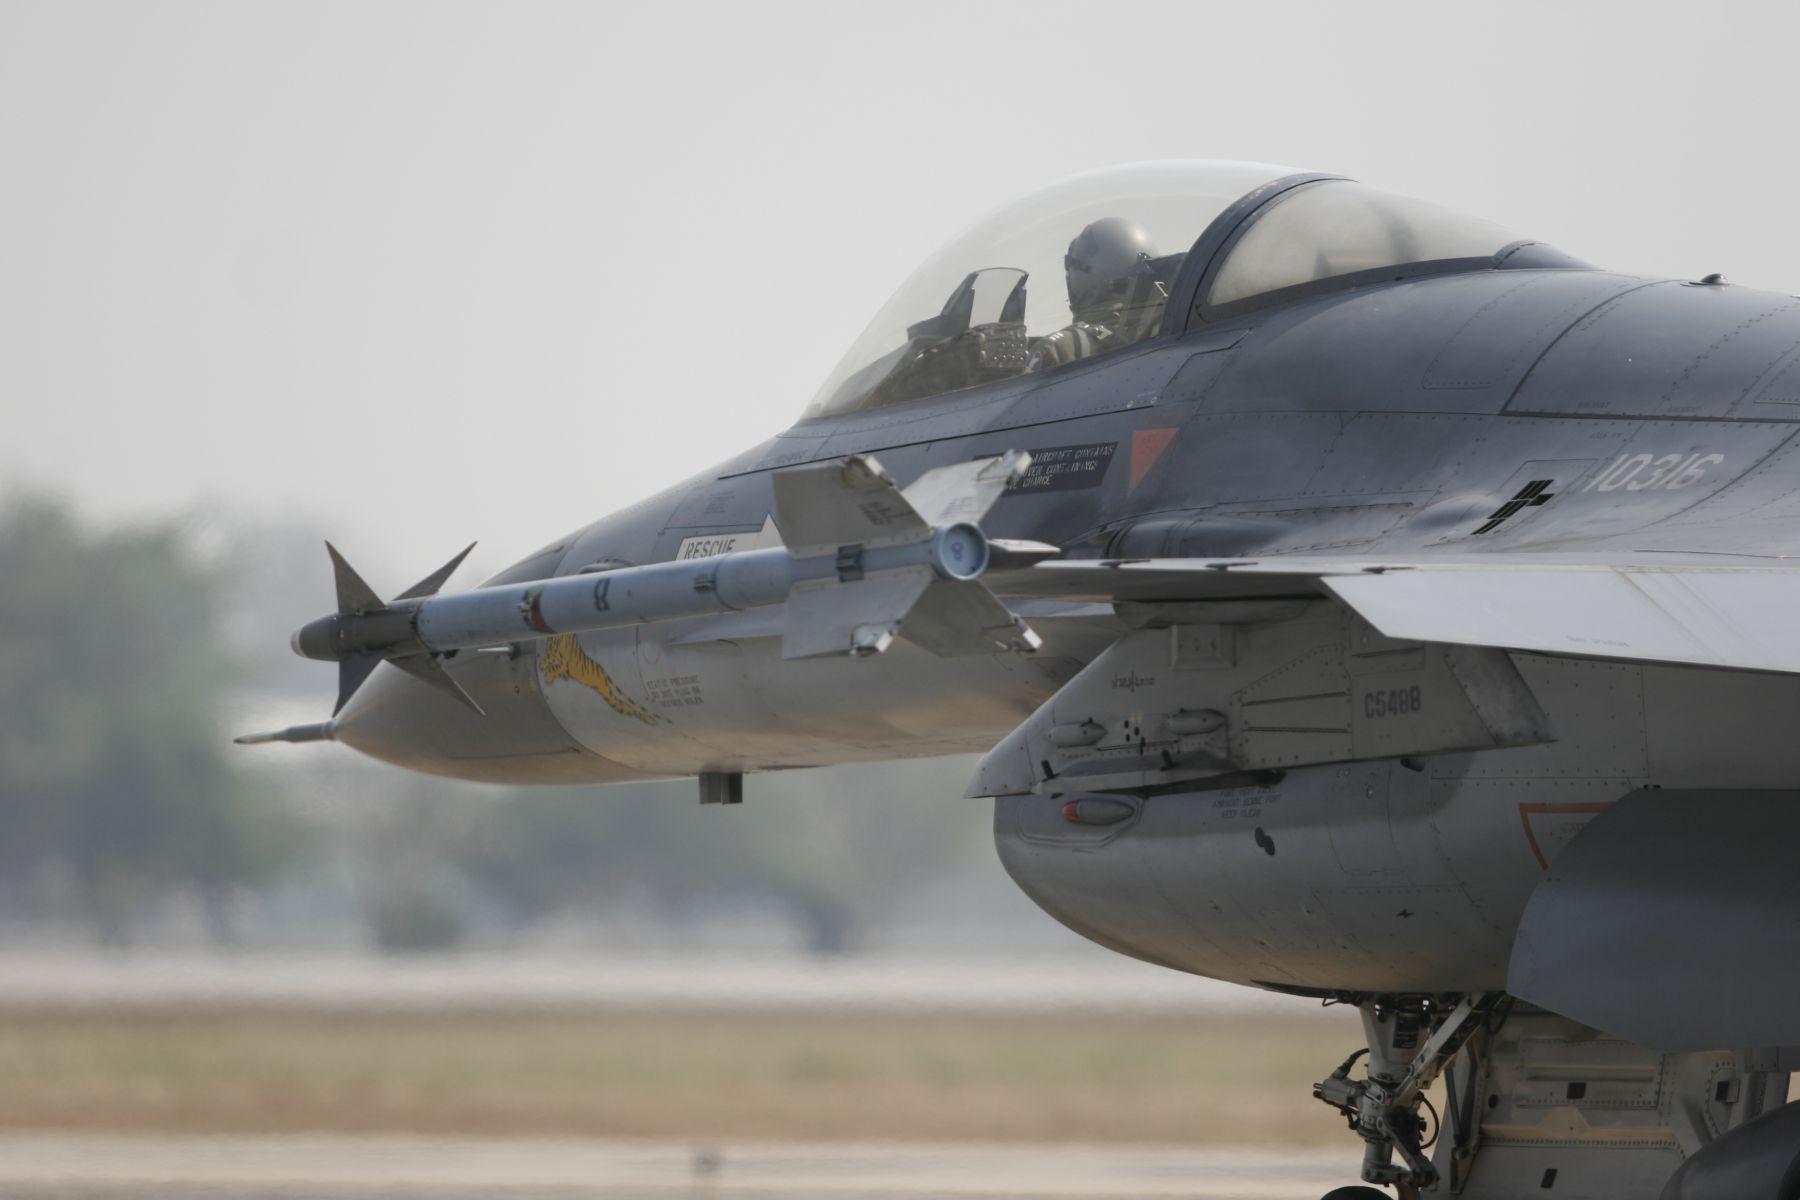 台灣之光!亞運健兒返台 F16軍機將升空迎接